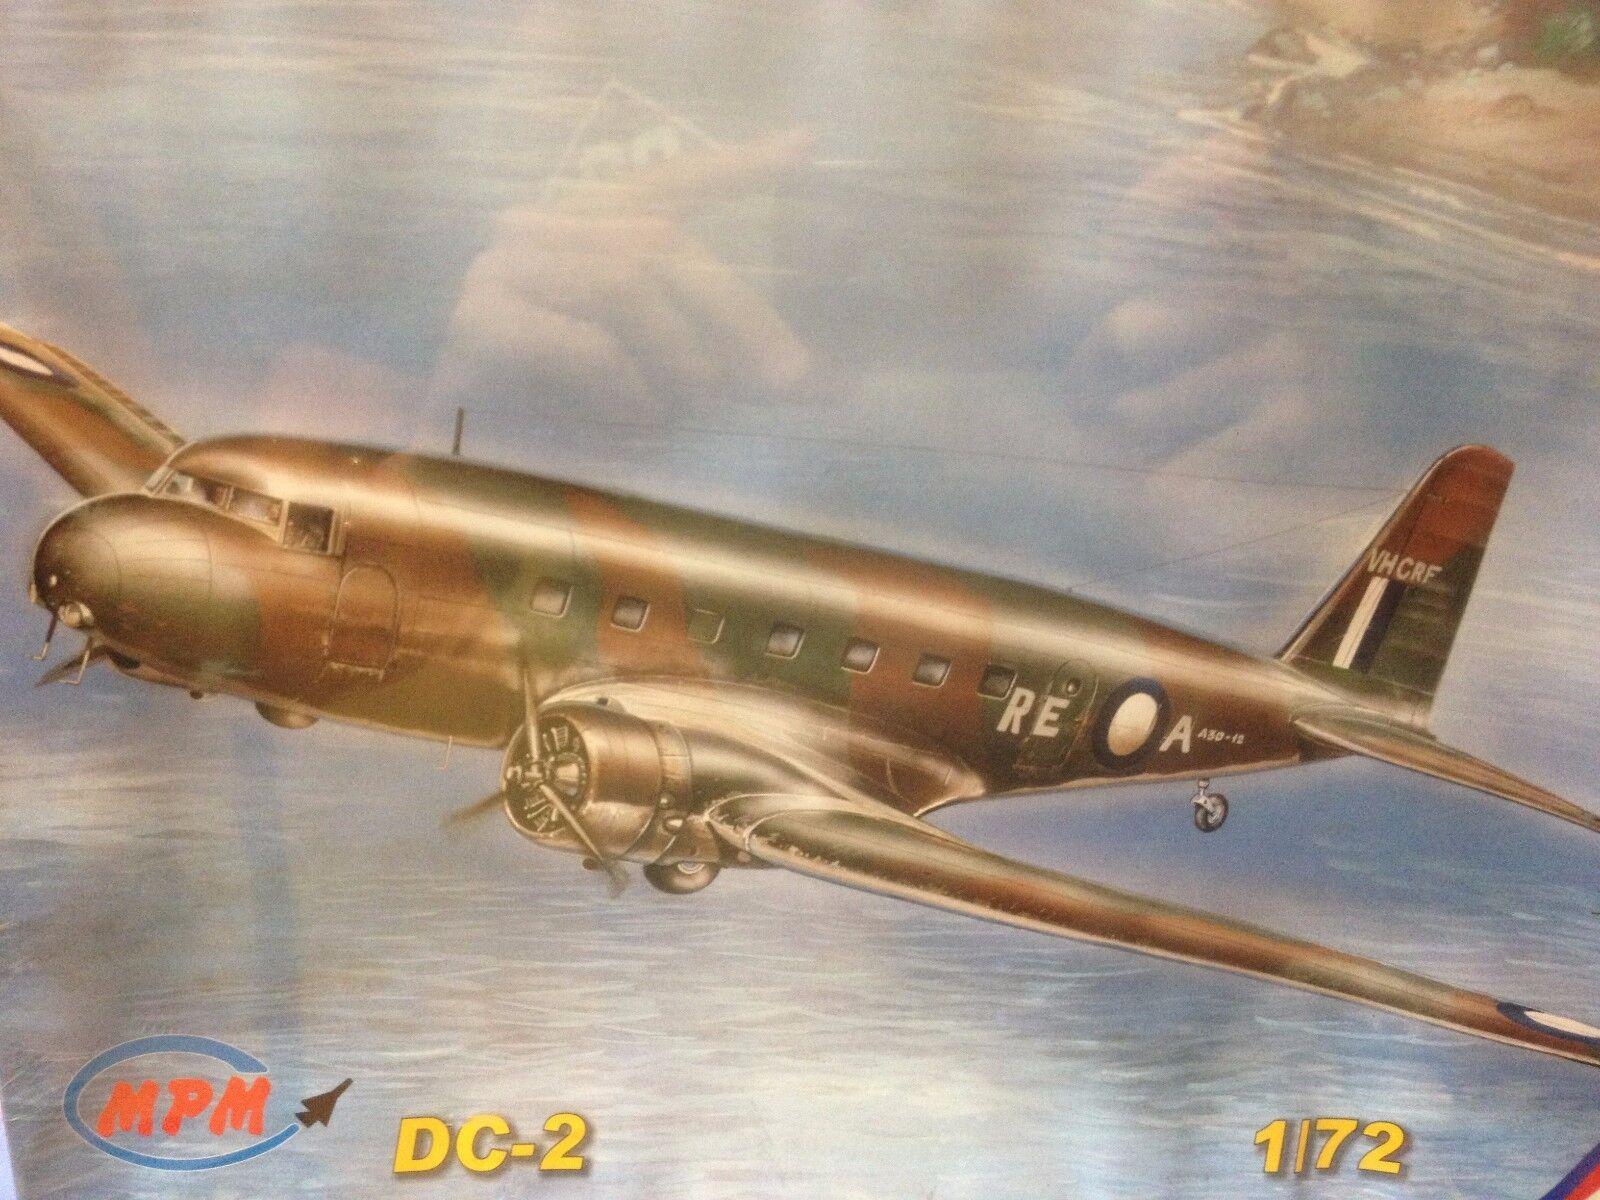 KIT MAQUETA EDICION LIMITADA DOUGLAS DOUGLAS DOUGLAS DC-2 VERSION ESPAÑOLA 1 72 MPM 72091 68b529